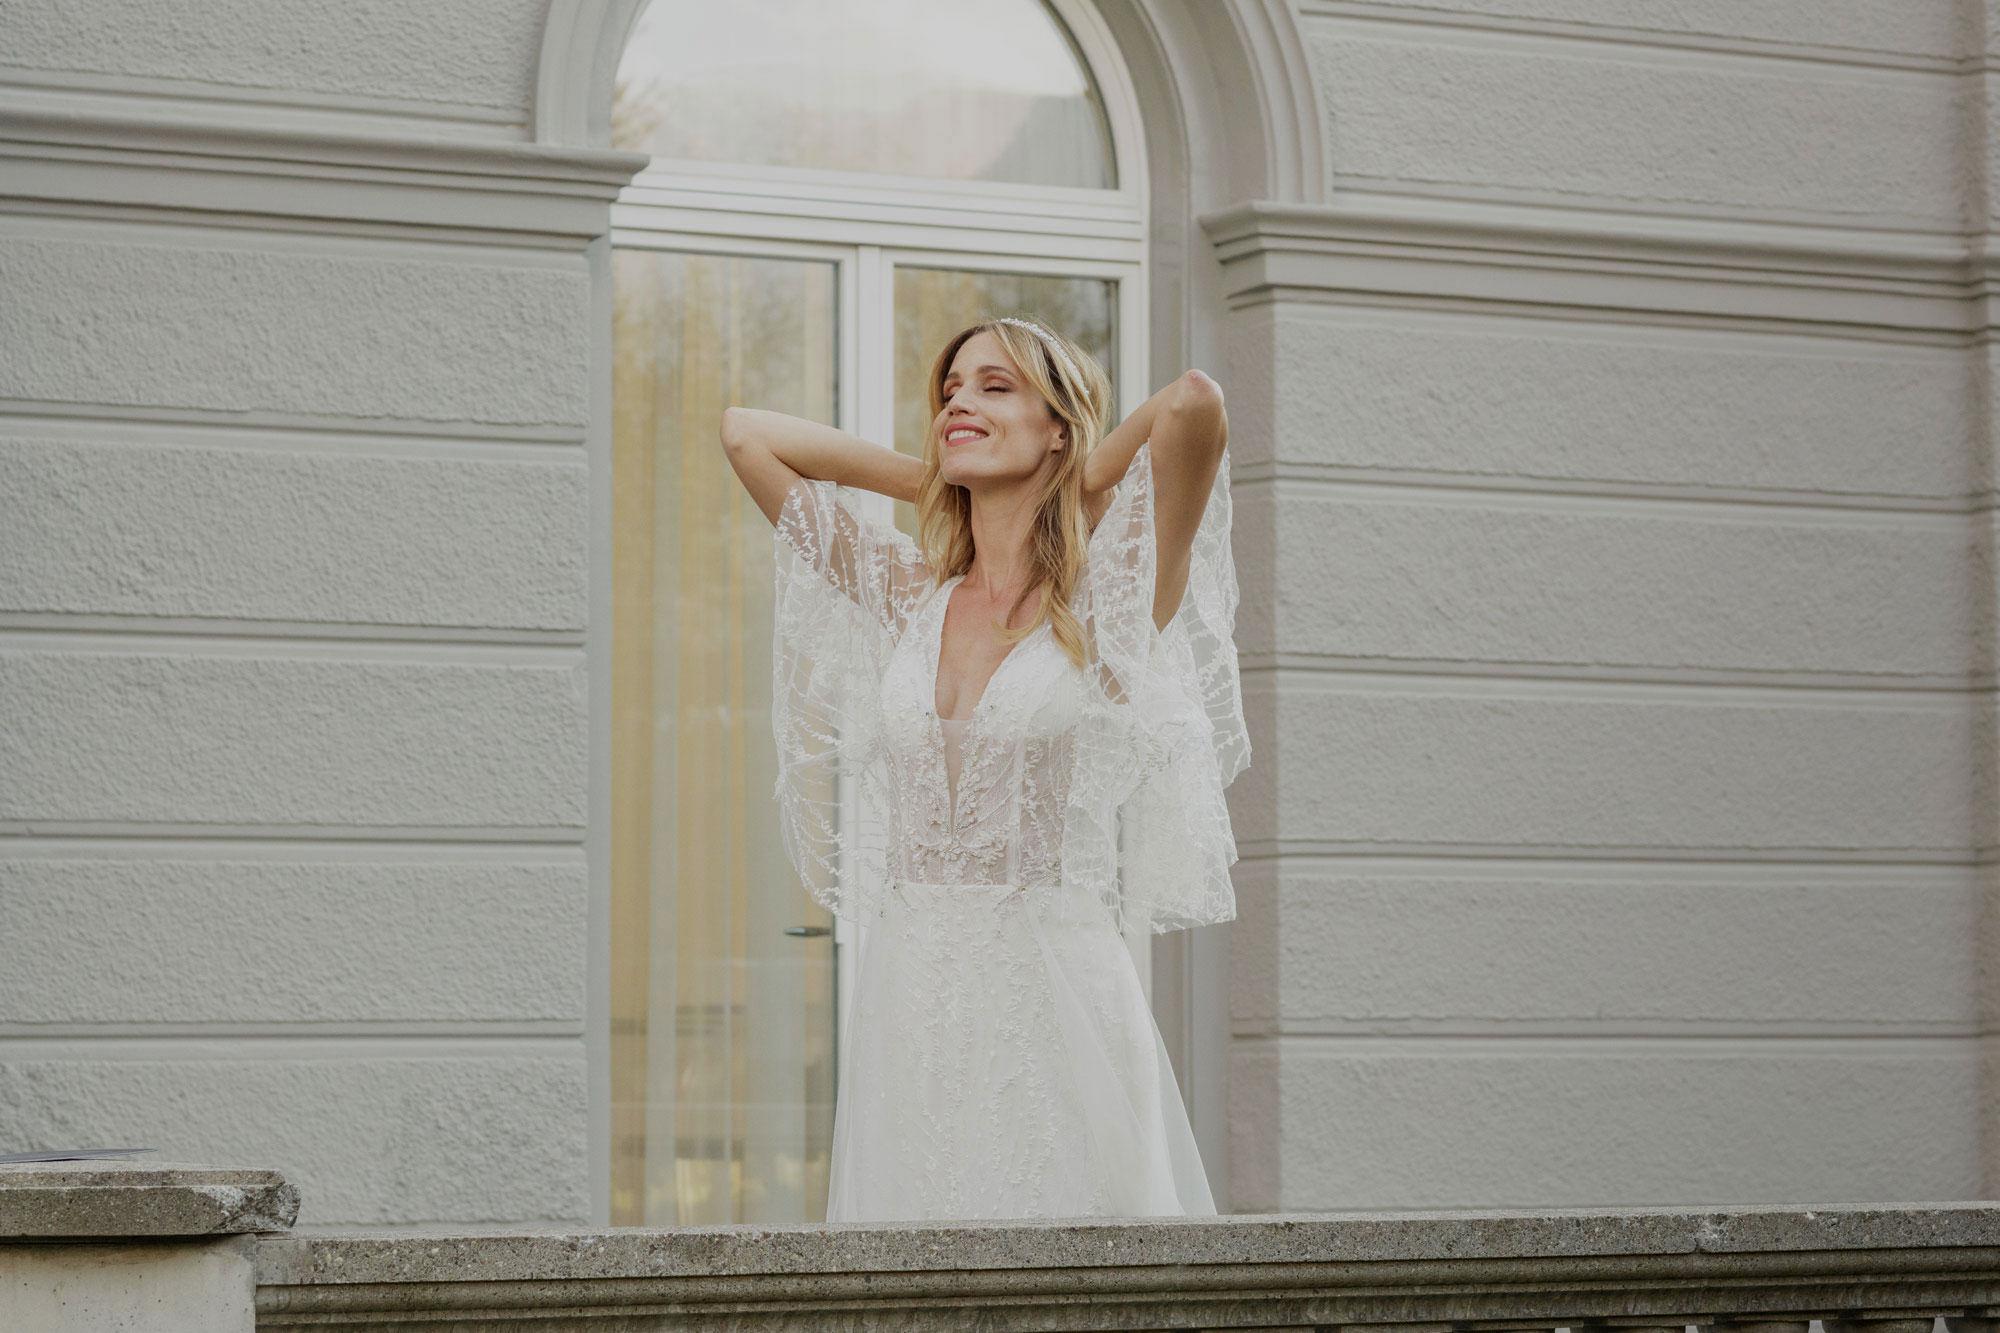 895c3db955301d Reserviere noch heute einen Termin in einer unserer Boutiquen und schnappe  dir eines unserer schönsten Kleider